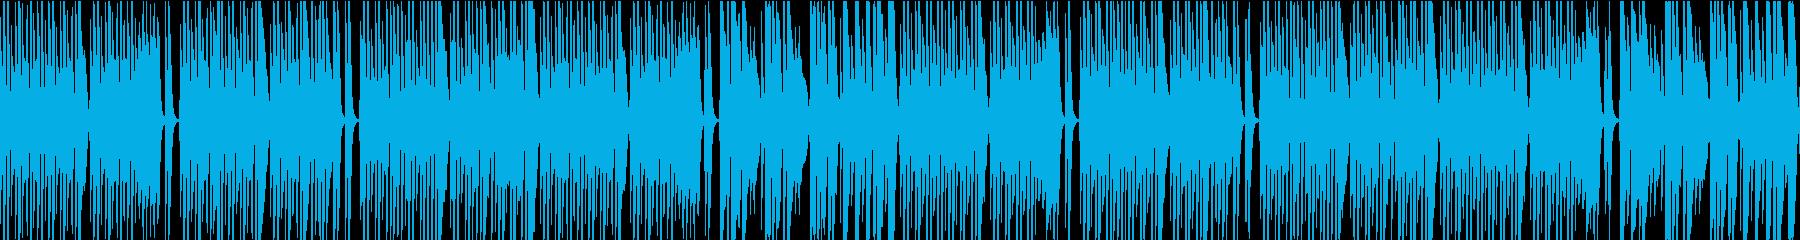 メロディの少ない可愛いポップス(ループ版の再生済みの波形